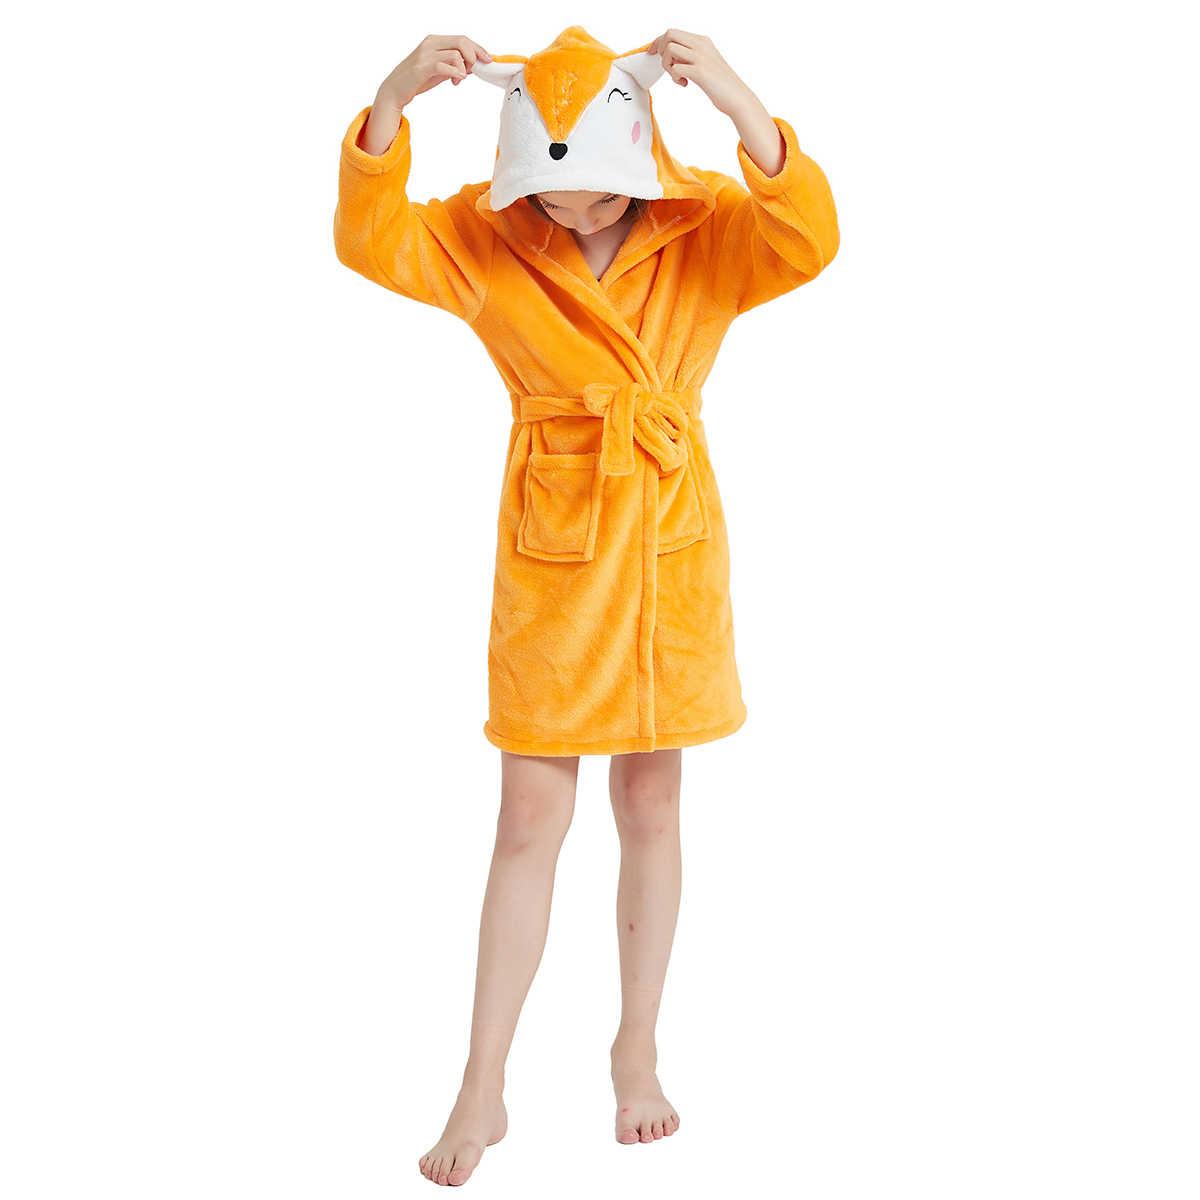 漫画の子供のローブフランネルベビーバスローブ長袖フード付きの子供バスローブ動物子供男の子女の子バスローブキッズユニコーンローブ